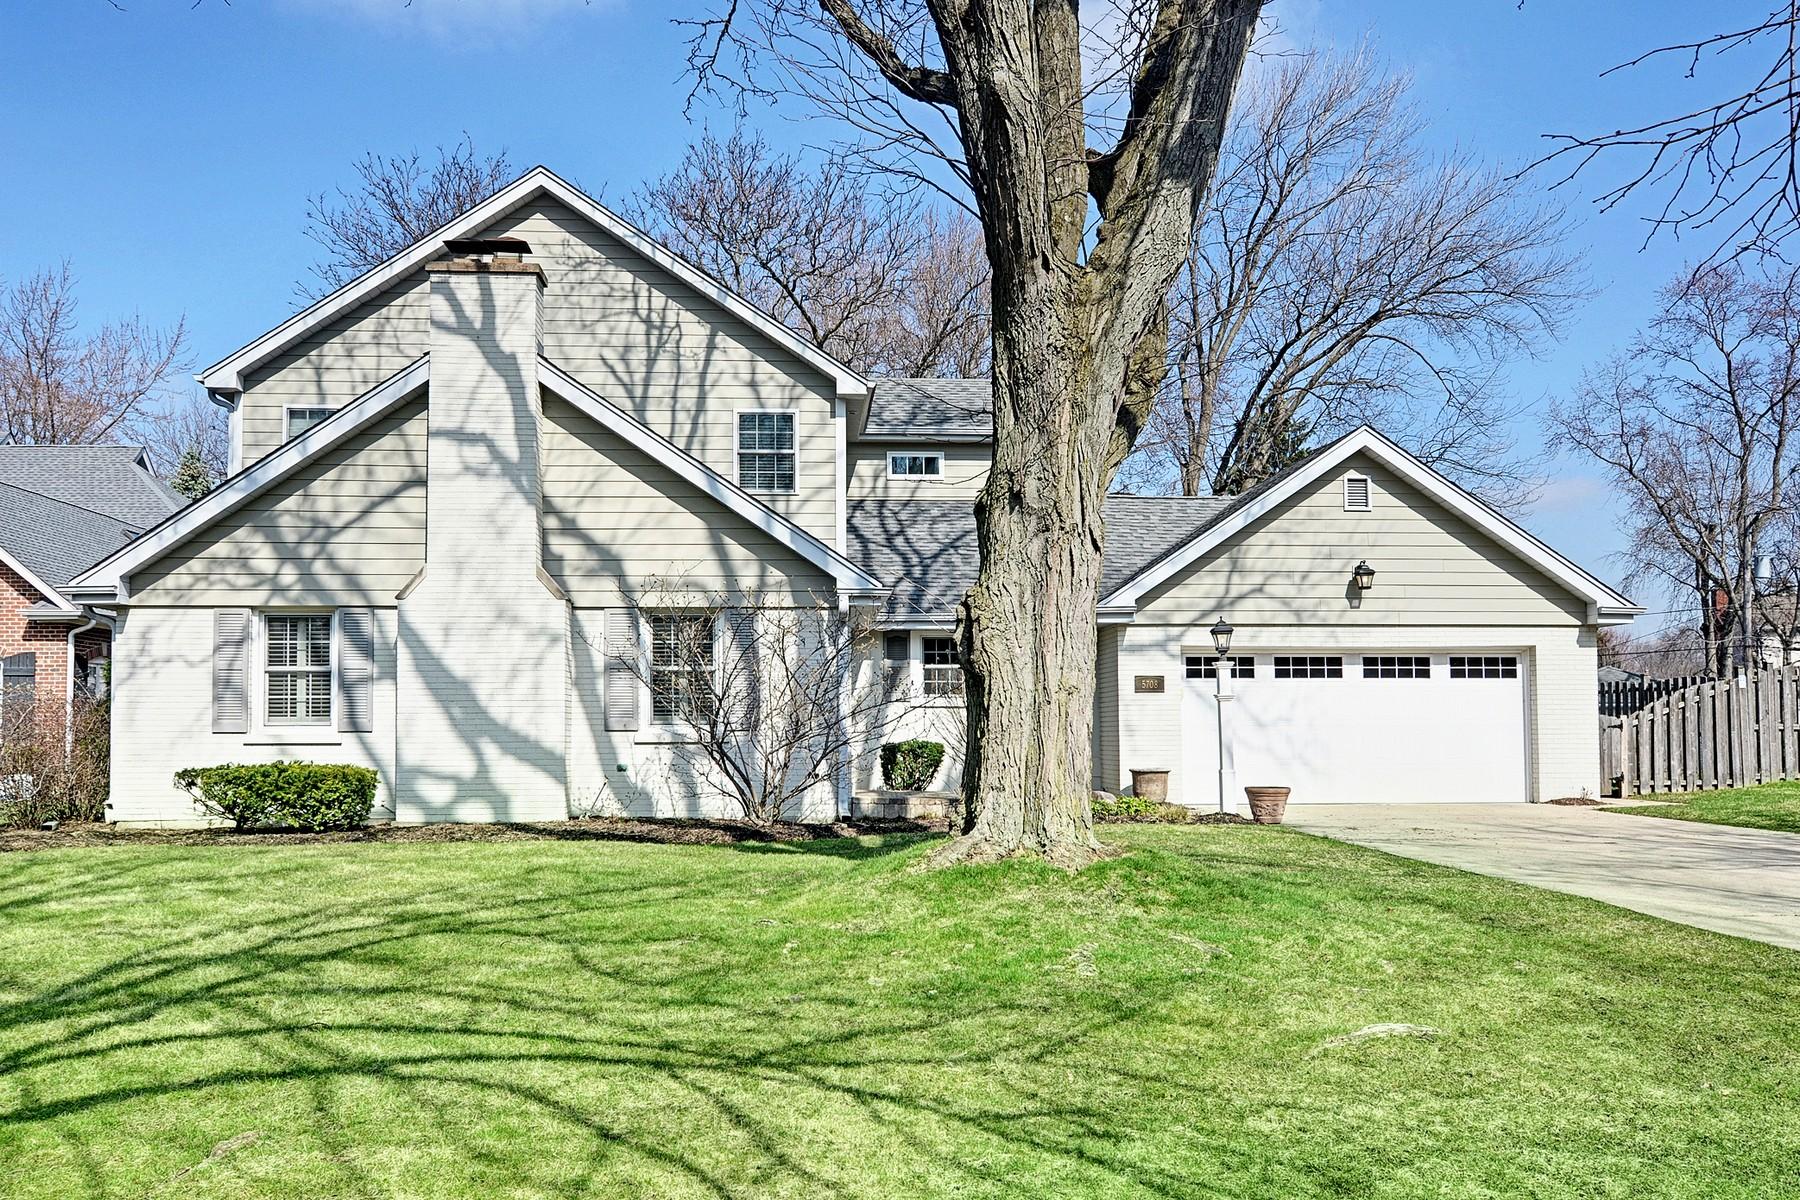 Maison unifamiliale pour l Vente à 5708 Crestview 5708 Crestview Drive Western Springs, Illinois, 60558 États-Unis